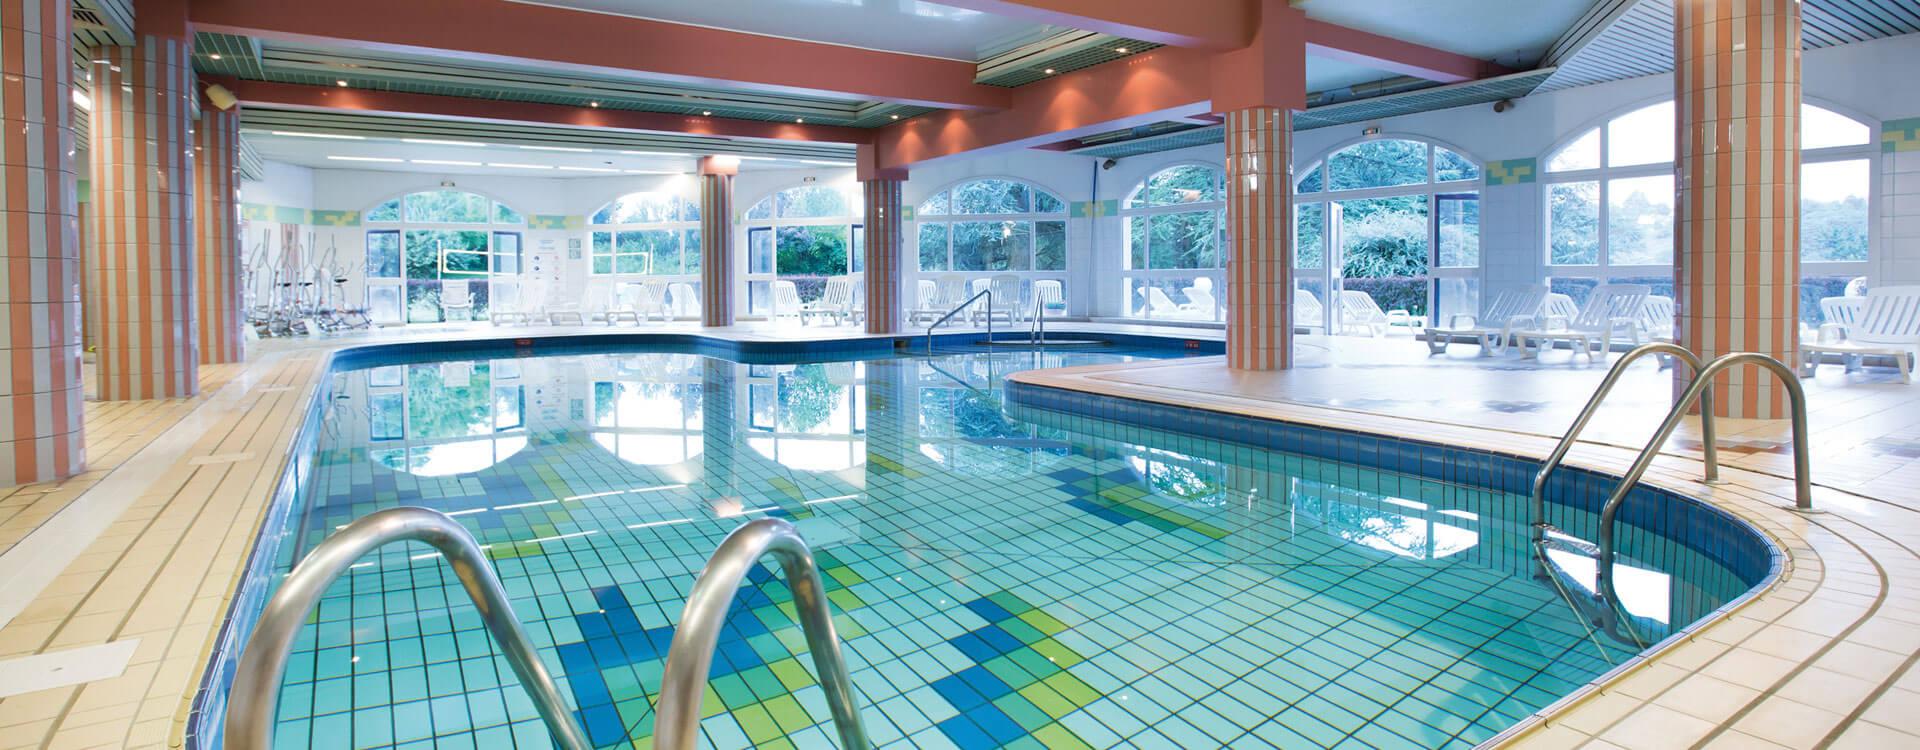 Espace aquatique - Hôtel & spa*** La Villa Marlioz à Aix-les-Bains